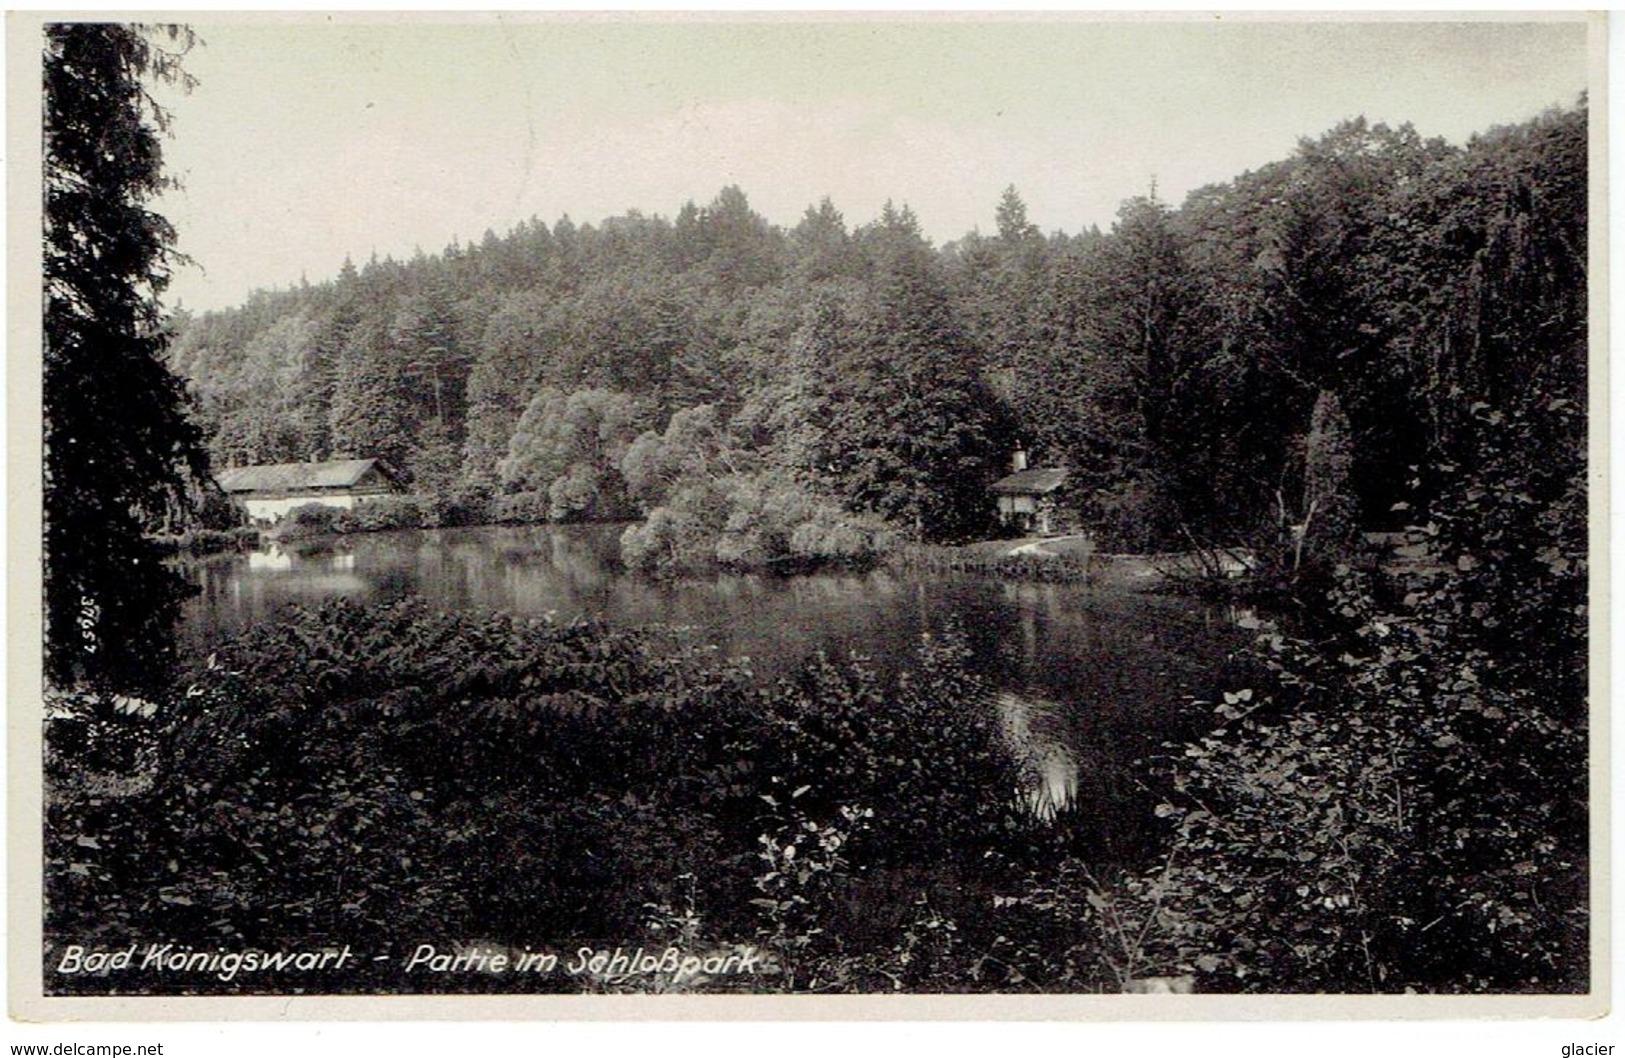 BAD KÖNIGSWART - Lázně Kynžvart - Sudetengau - Partie In Schlospark - 1942 - Sudeten